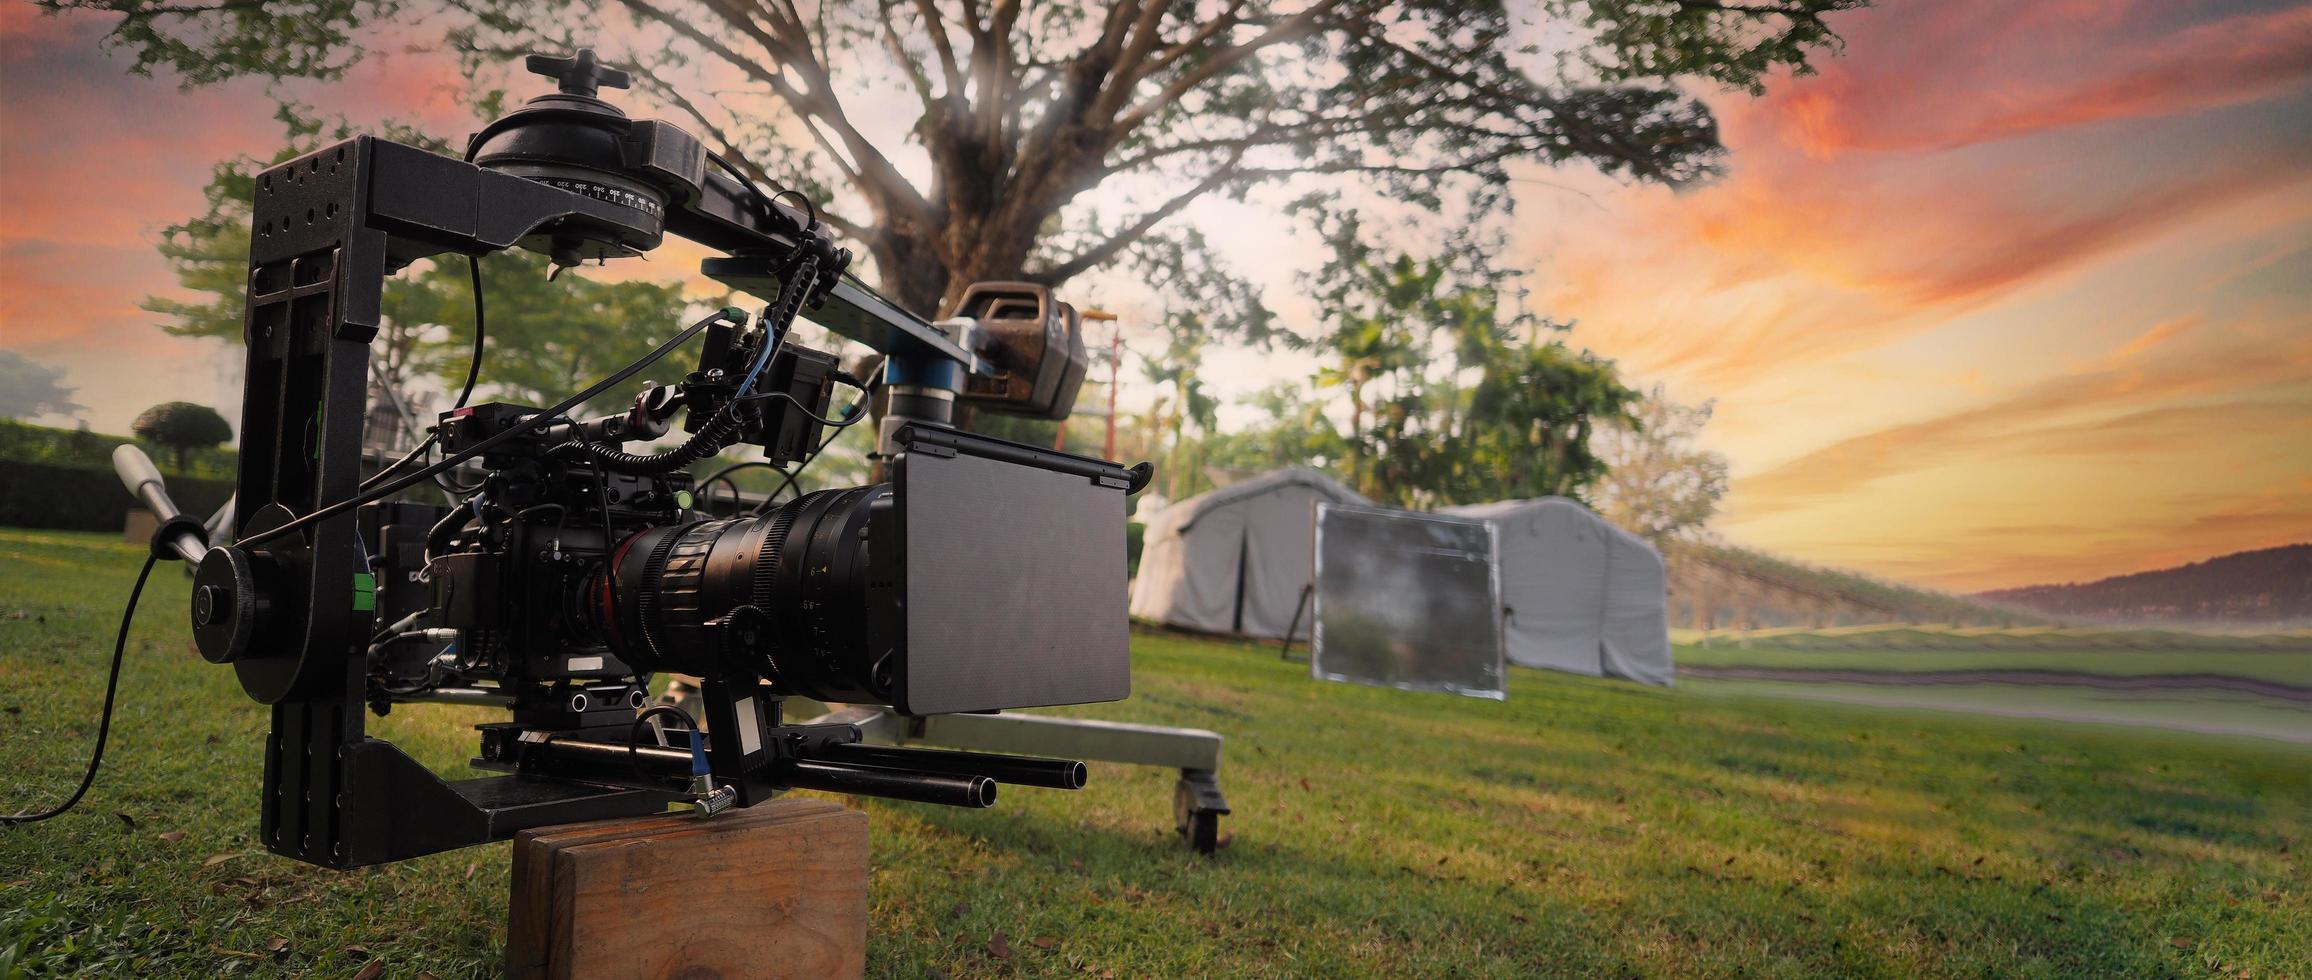 detrás de la cámara de video para grabar películas en exteriores. foto